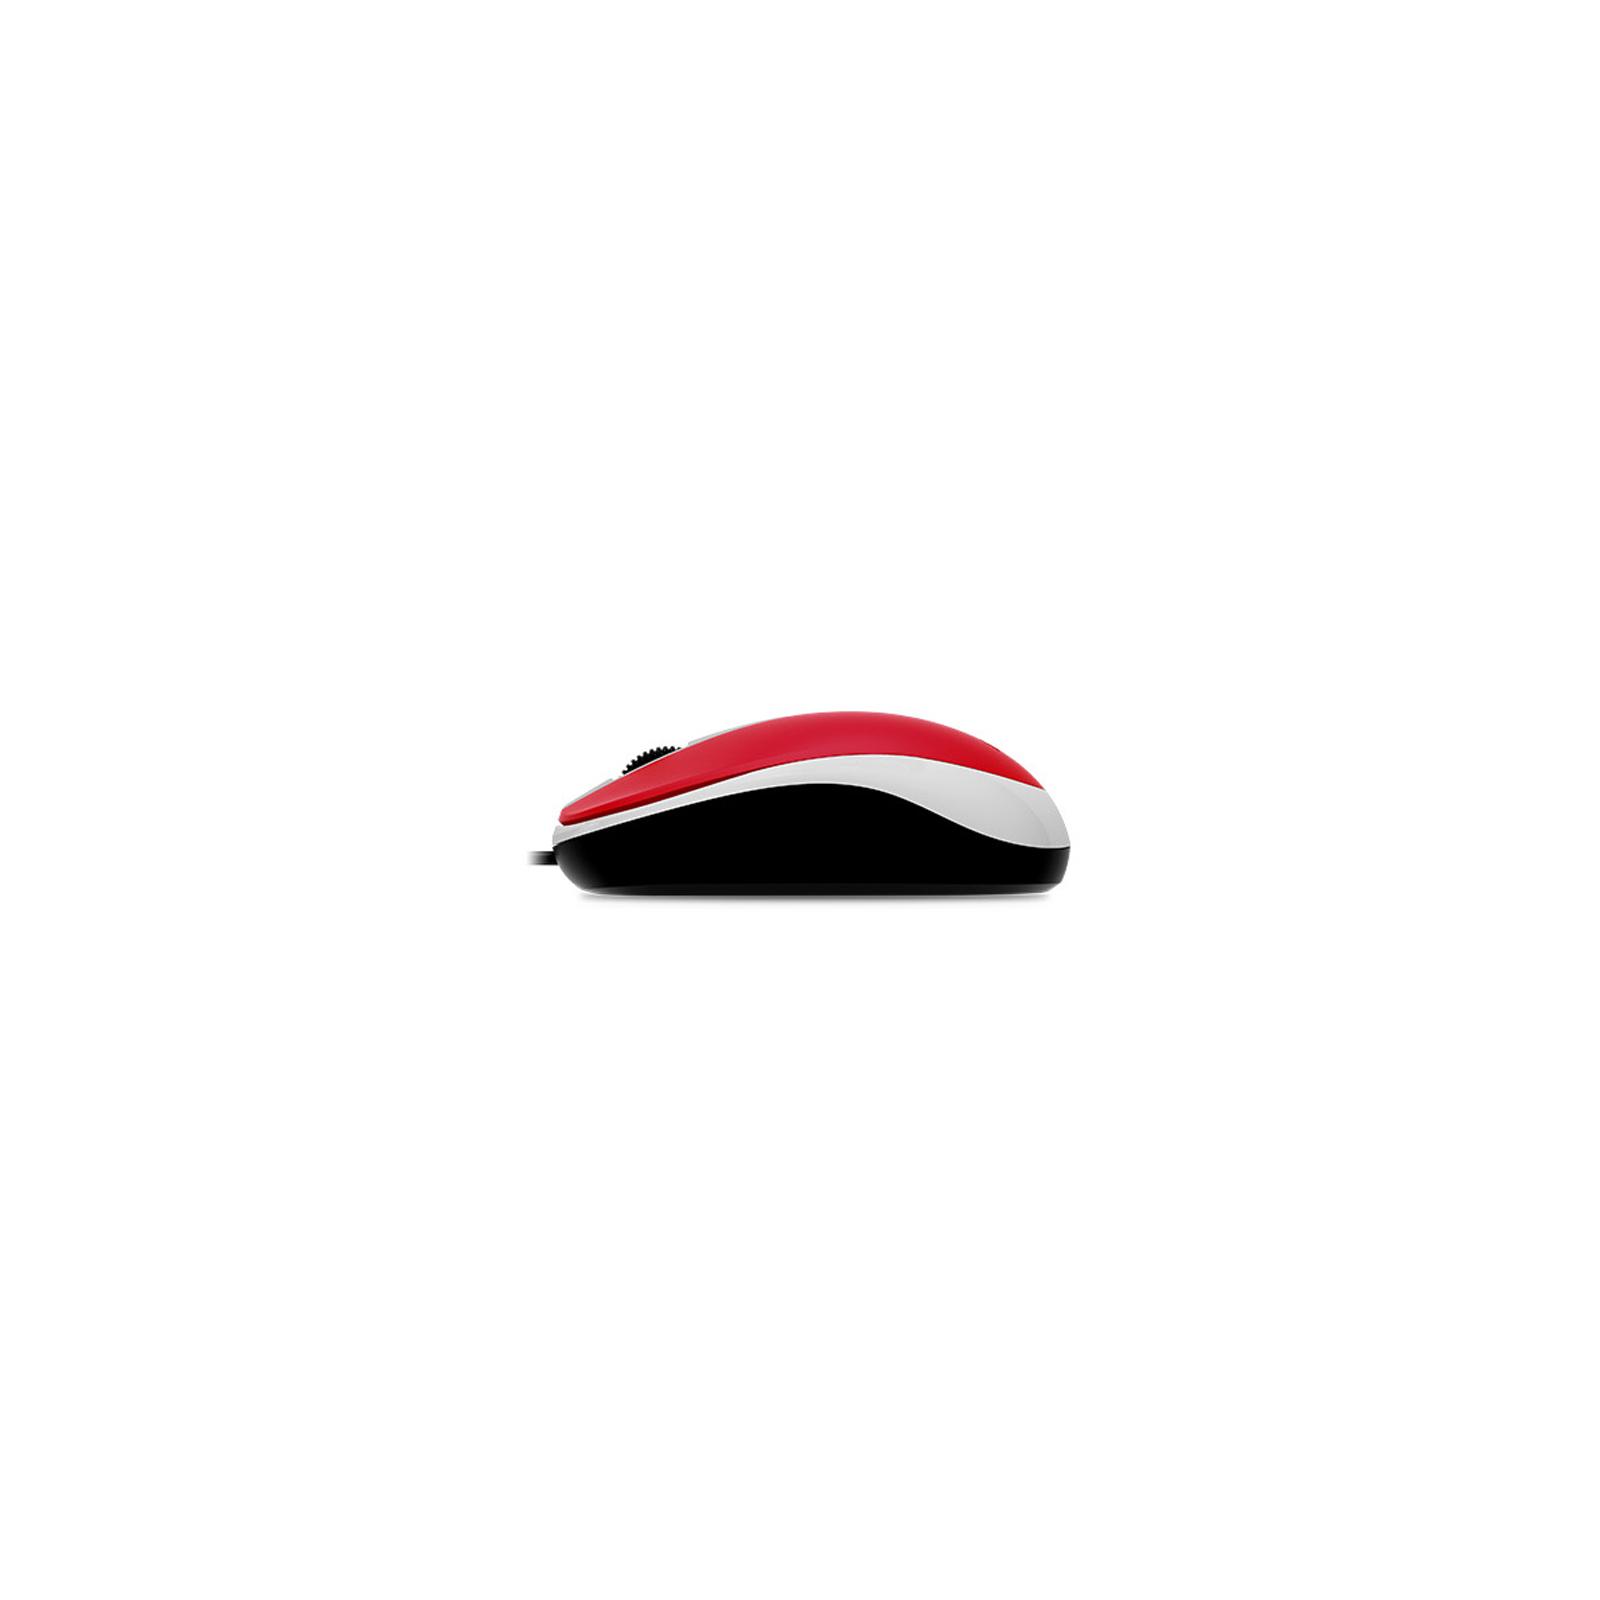 Мышка Genius DX-120 USB Red (31010105104) изображение 3